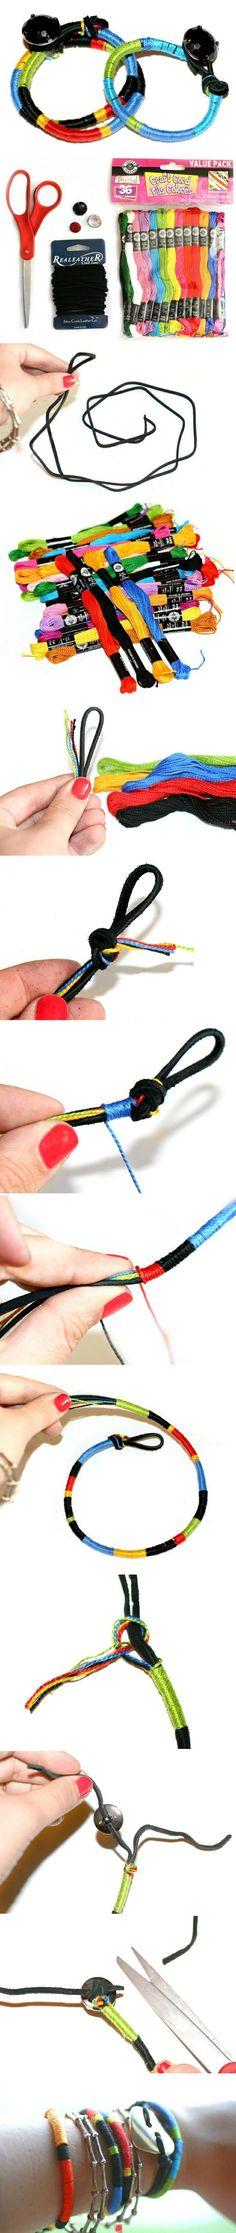 Make bracelet from craft cord   DiyReal.com